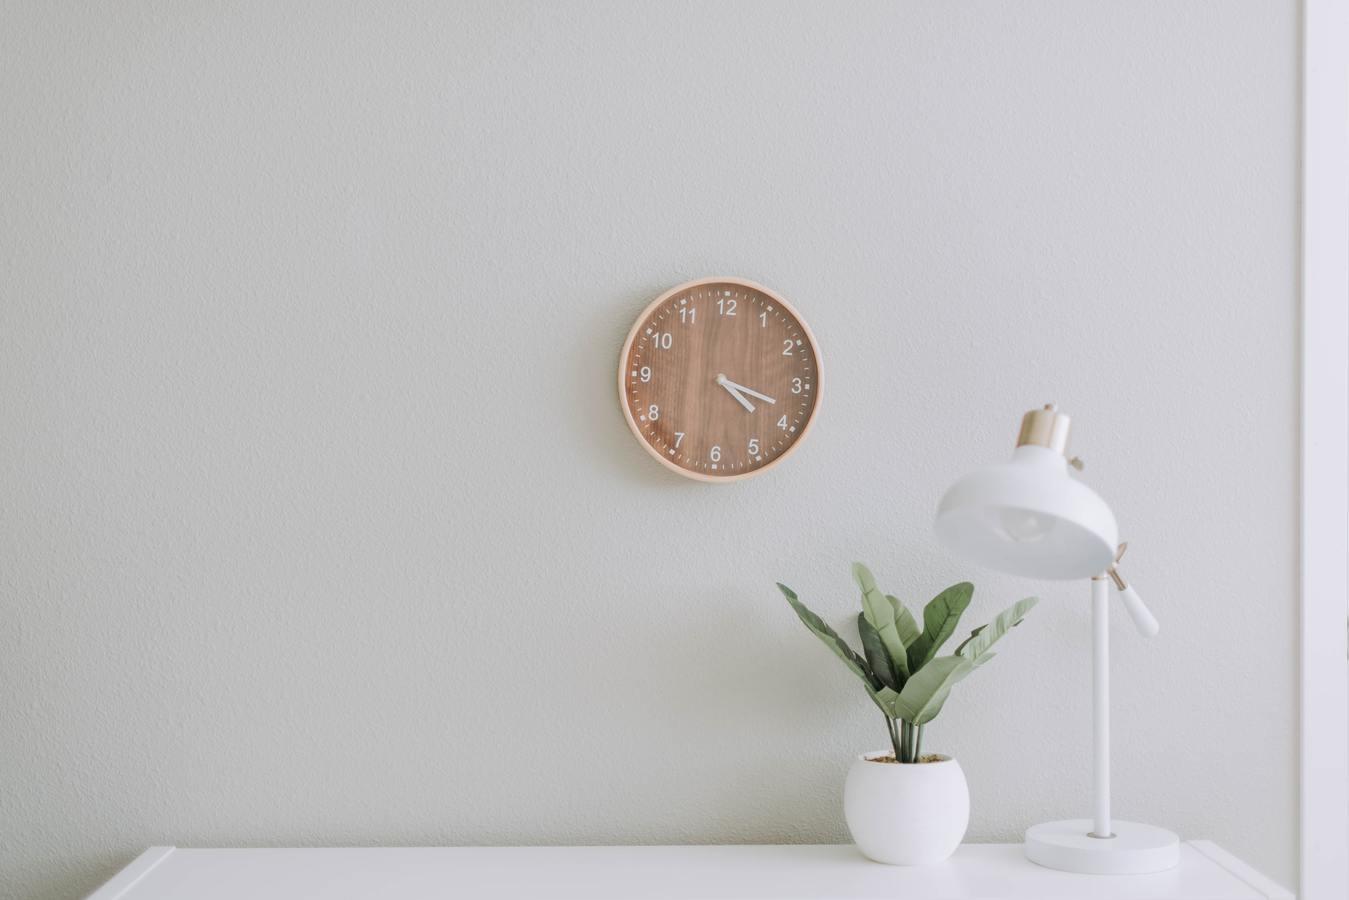 Un reloj de pared sobre una mesa con una lámpara y una planta